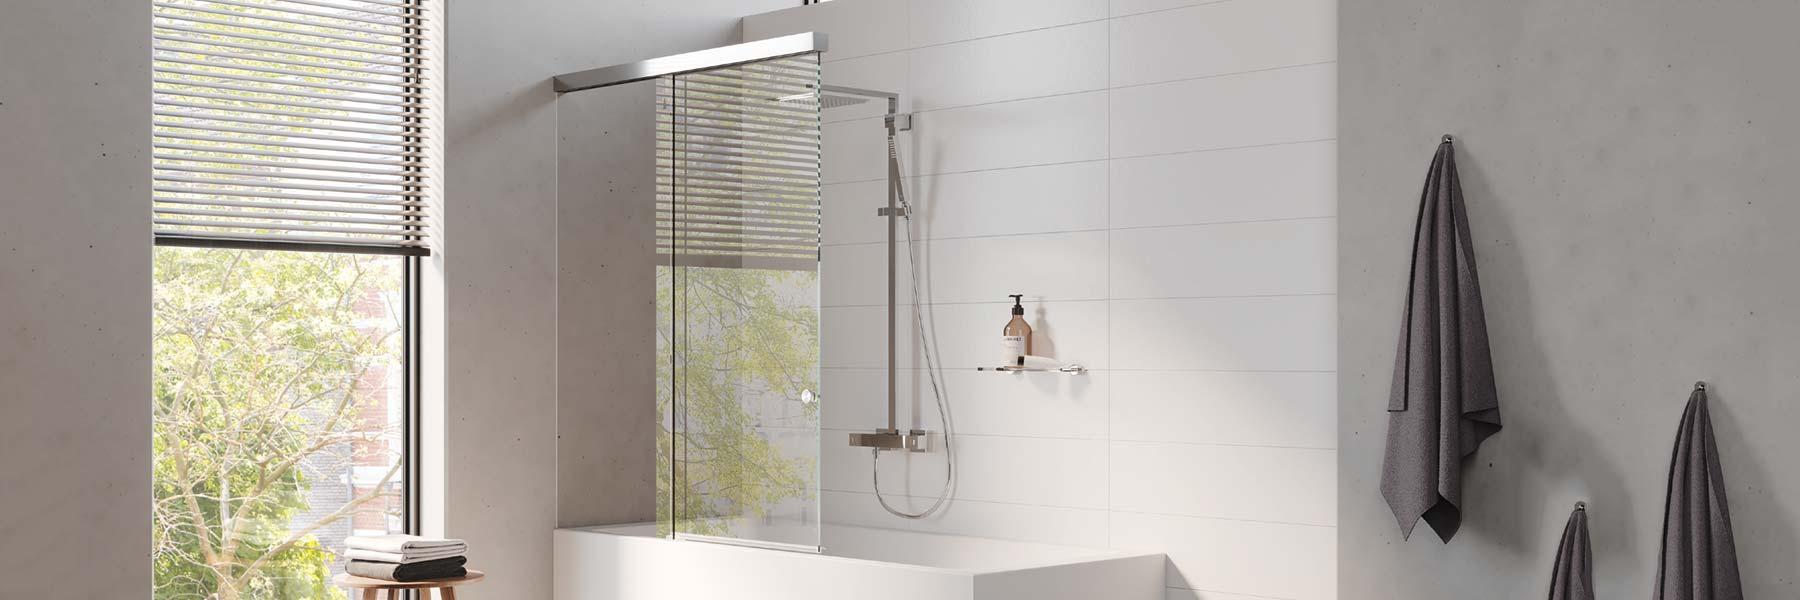 Slider Vitris Aquant Duschbiebetür Ausziehbarer Spritzschutz Für Badewannen Kaufen